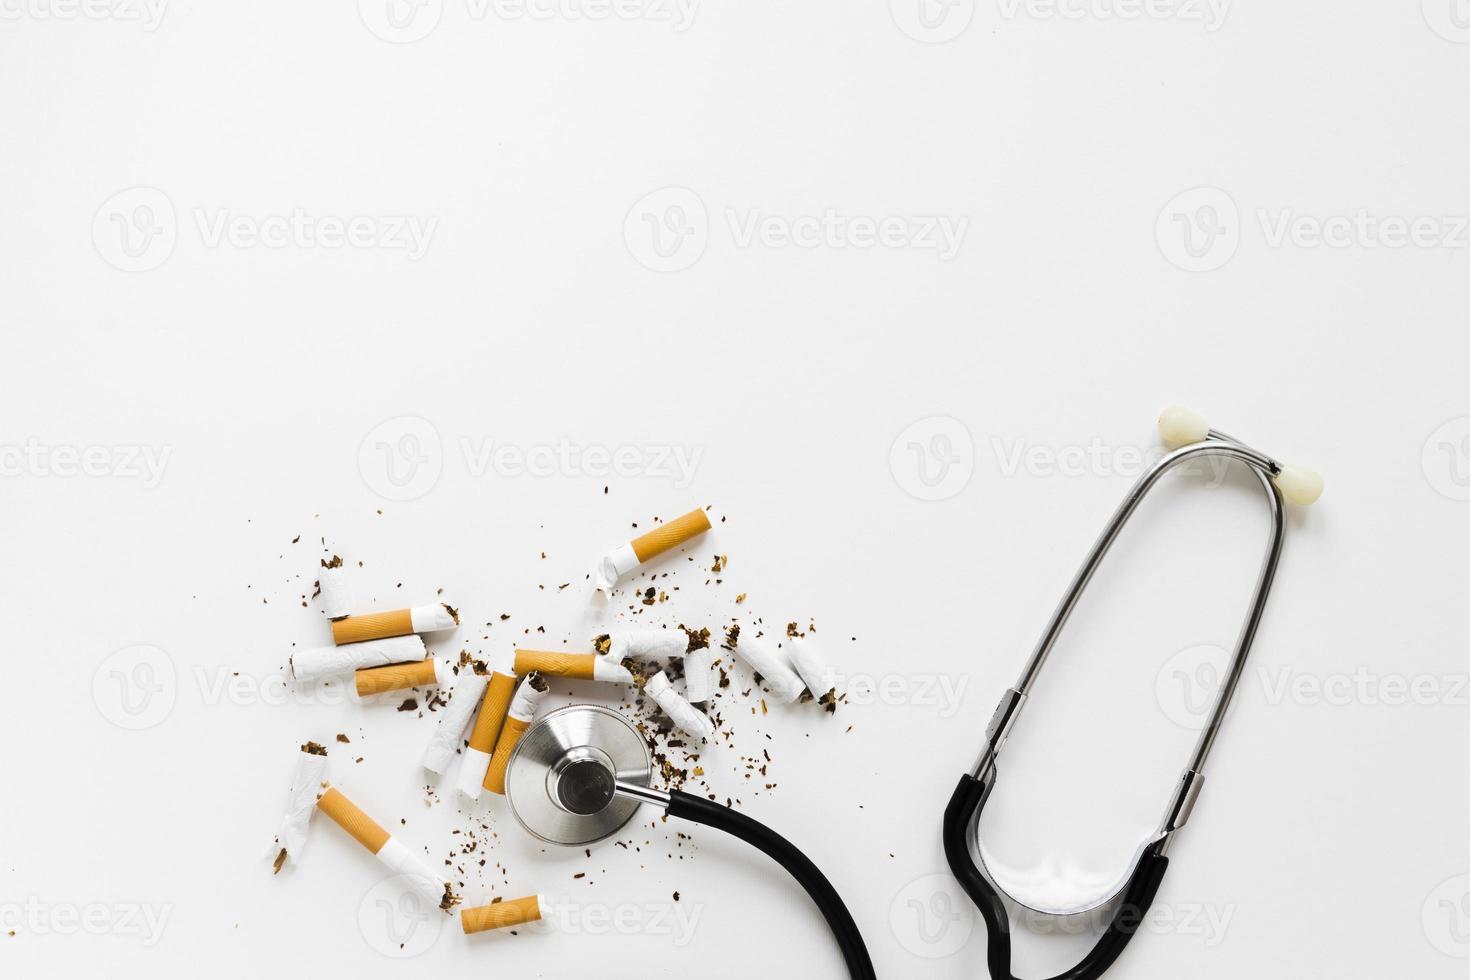 estetoscopio con cigarrillos foto